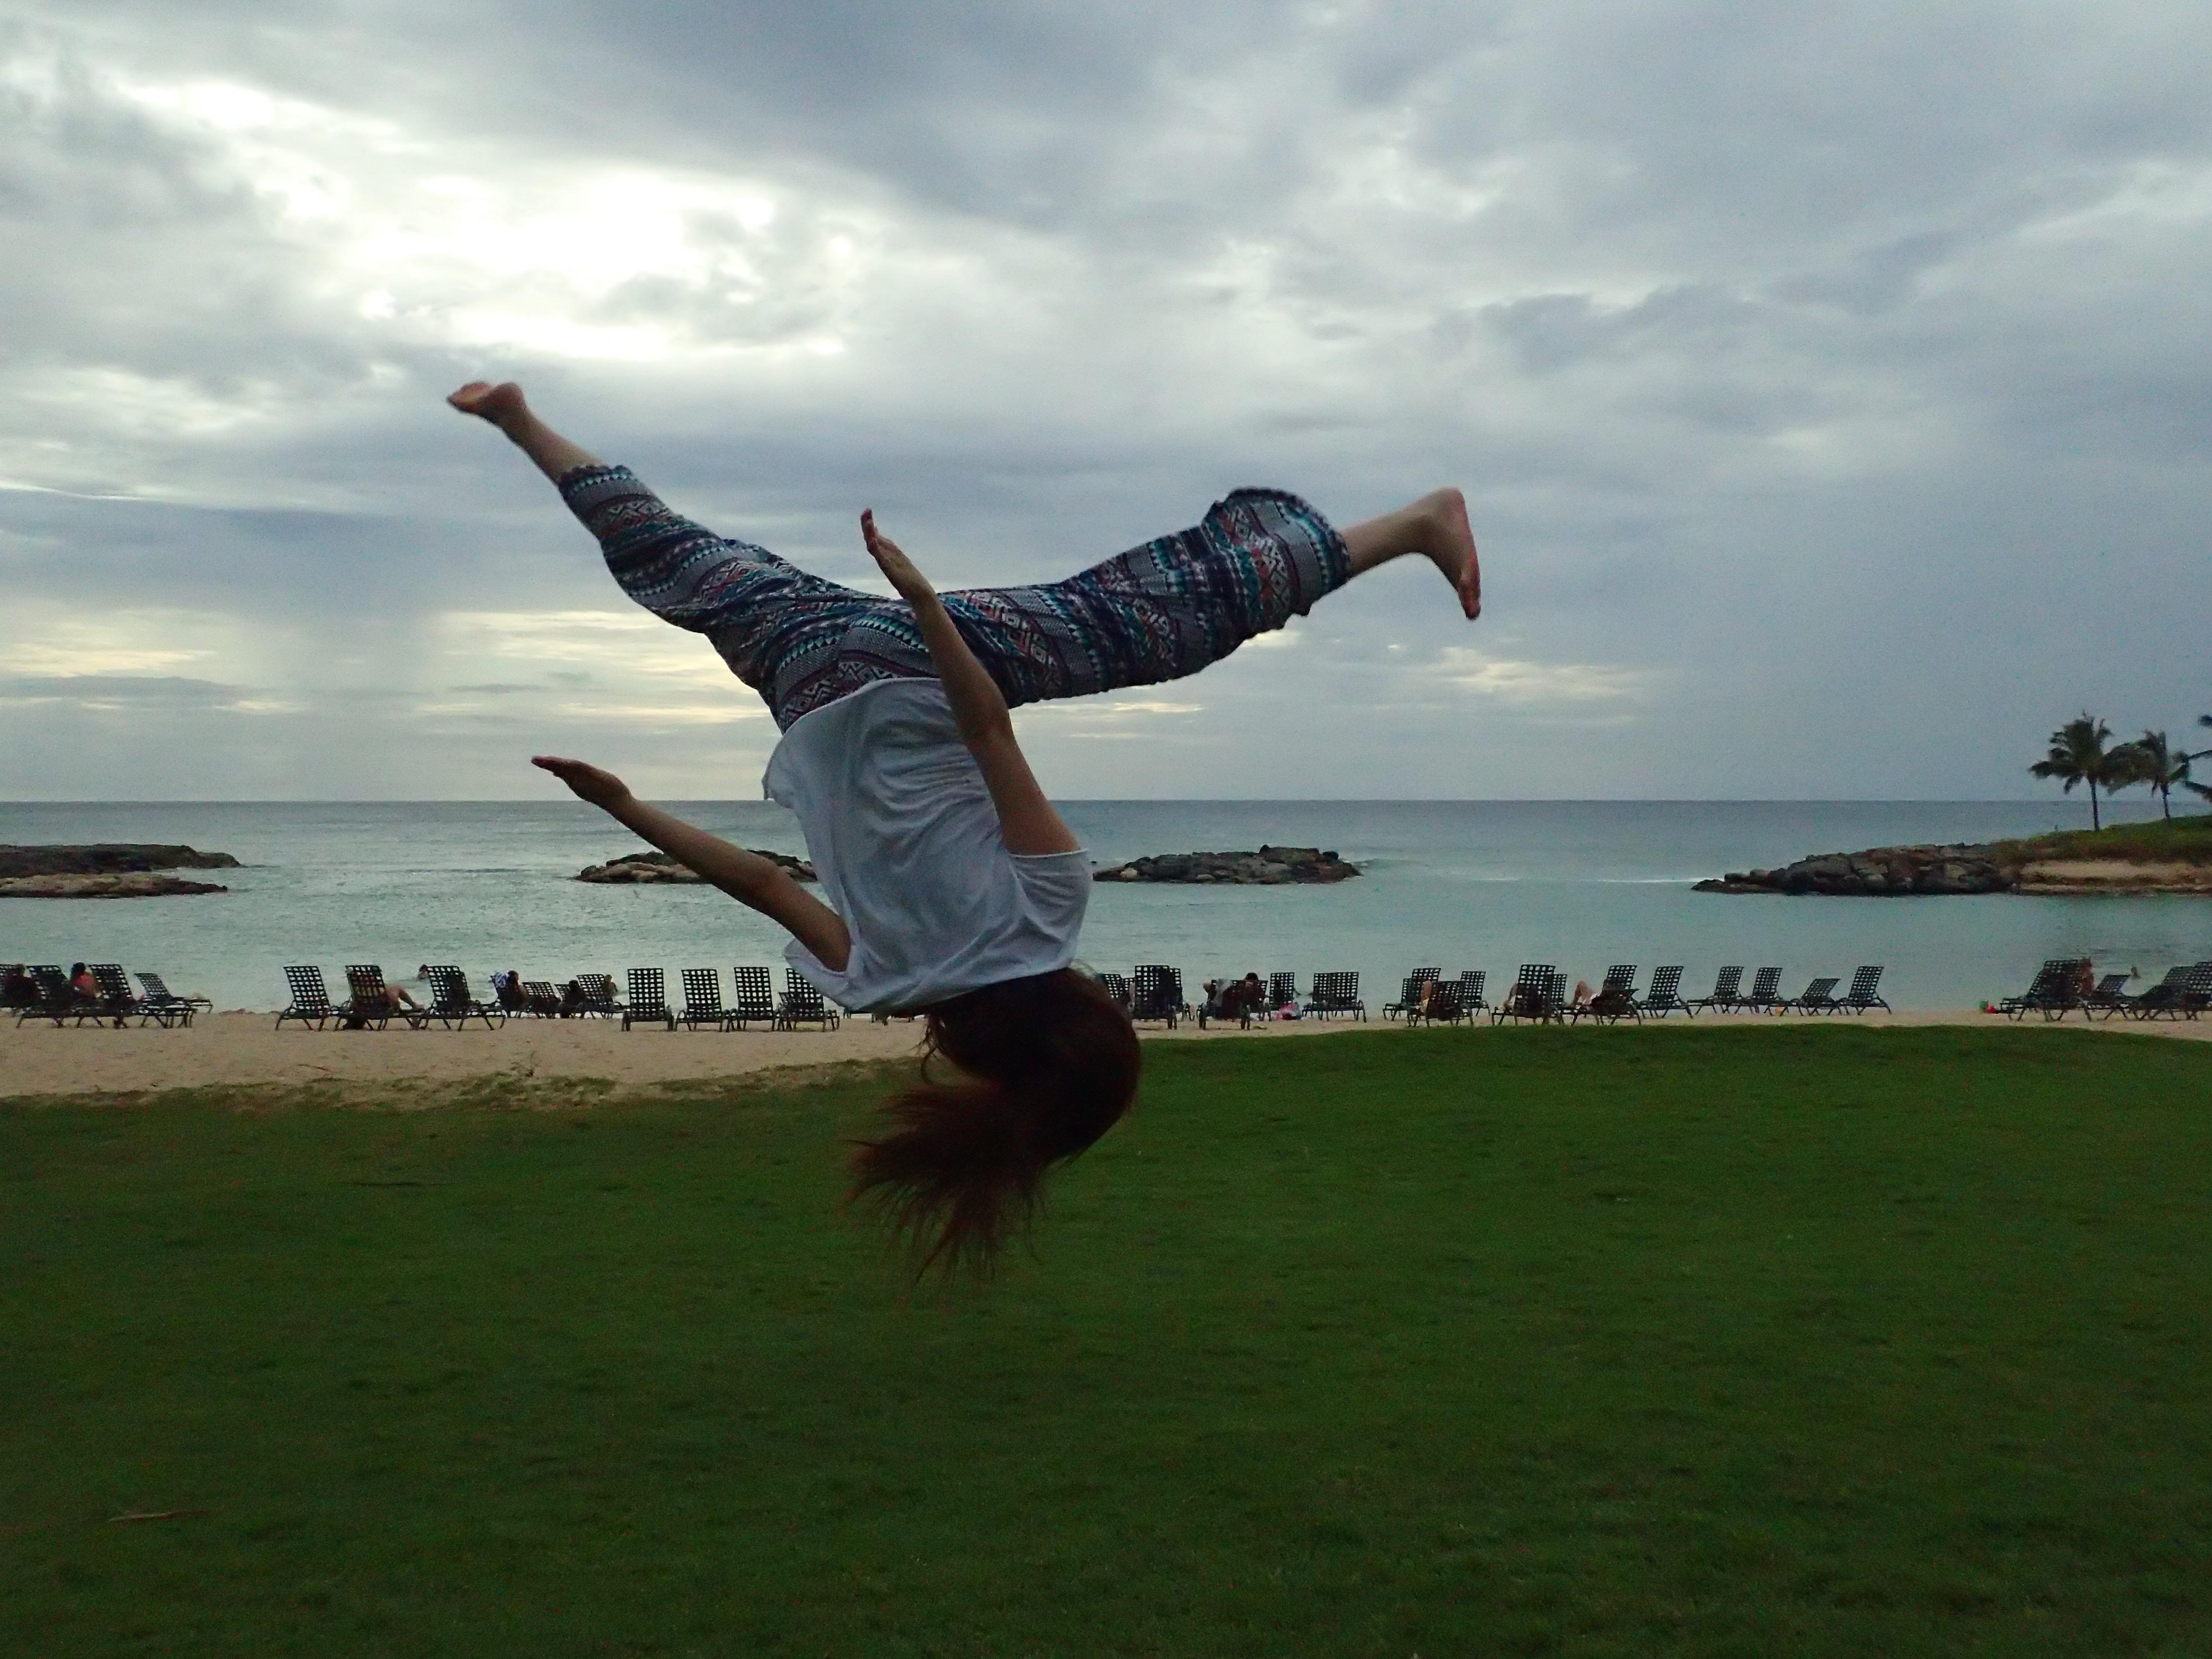 バトントワーリング×コンテンポラリーダンス ~Baton Twirling × Contemporary Dance~